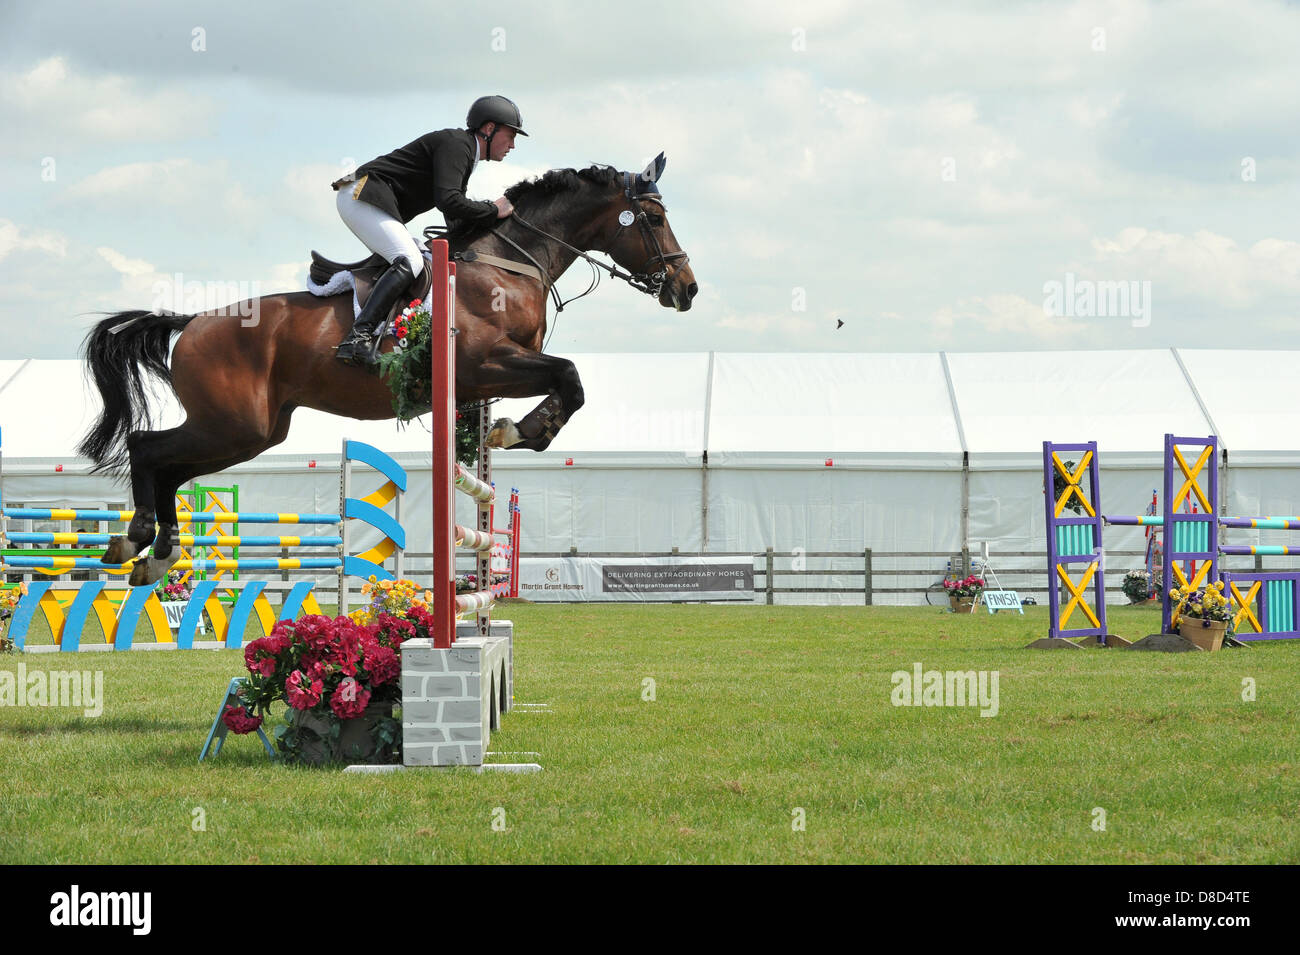 REDBOURN, Reino Unido. El 25 de mayo de 2013. Show Jumping en el condado de Hertfordshire Mostrar. Lance Whitehouse Imagen De Stock